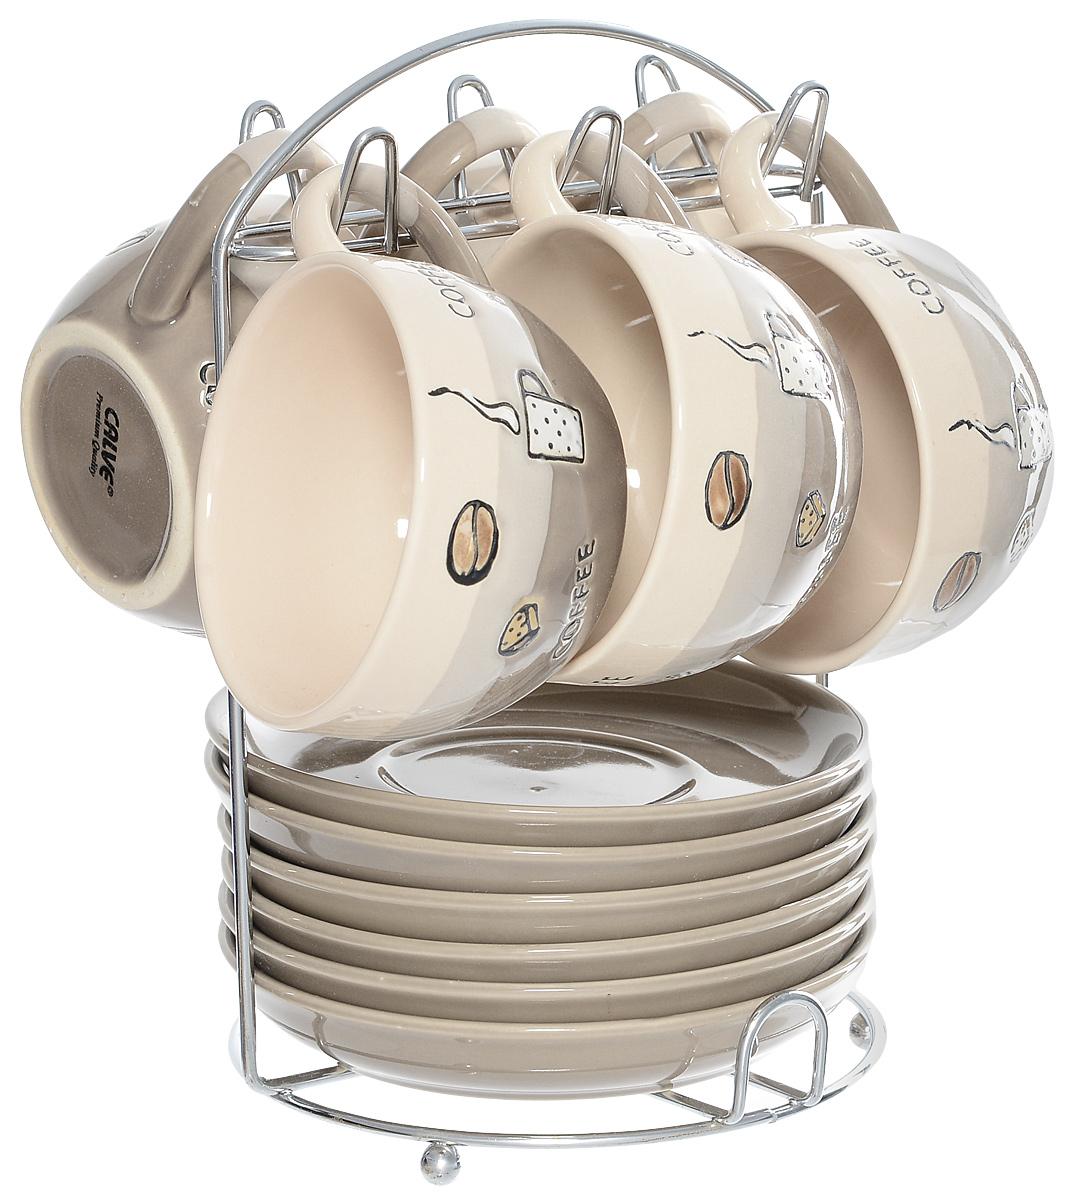 Набор чайный Calve. Кофе, на подставке, 13 предметовCL-2022Набор Calve. Кофе состоит из шести чашек и шести блюдец, изготовленных из высококачественной керамики. Чашки оформлены стильным рисунком и надписями. Изделия расположены на металлической подставке. Такой набор подходит для подачи чая или кофе. Изящный дизайн придется по вкусу и ценителям классики, и тем, кто предпочитает утонченность и изысканность. Он настроит на позитивный лад и подарит хорошее настроение с самого утра. Чайный набор Calve. Кофе - идеальный и необходимый подарок для вашего дома и для ваших друзей в праздники. Можно мыть в посудомоечной машине. Объем чашки: 220 мл. Диаметр чашки (по верхнему краю): 9,5 см. Высота чашки: 6,3 см. Диаметр блюдца: 14,5 см. Высота блюдца: 2,3 см. Размер подставки: 16,5 х 16 х 22,5 см.